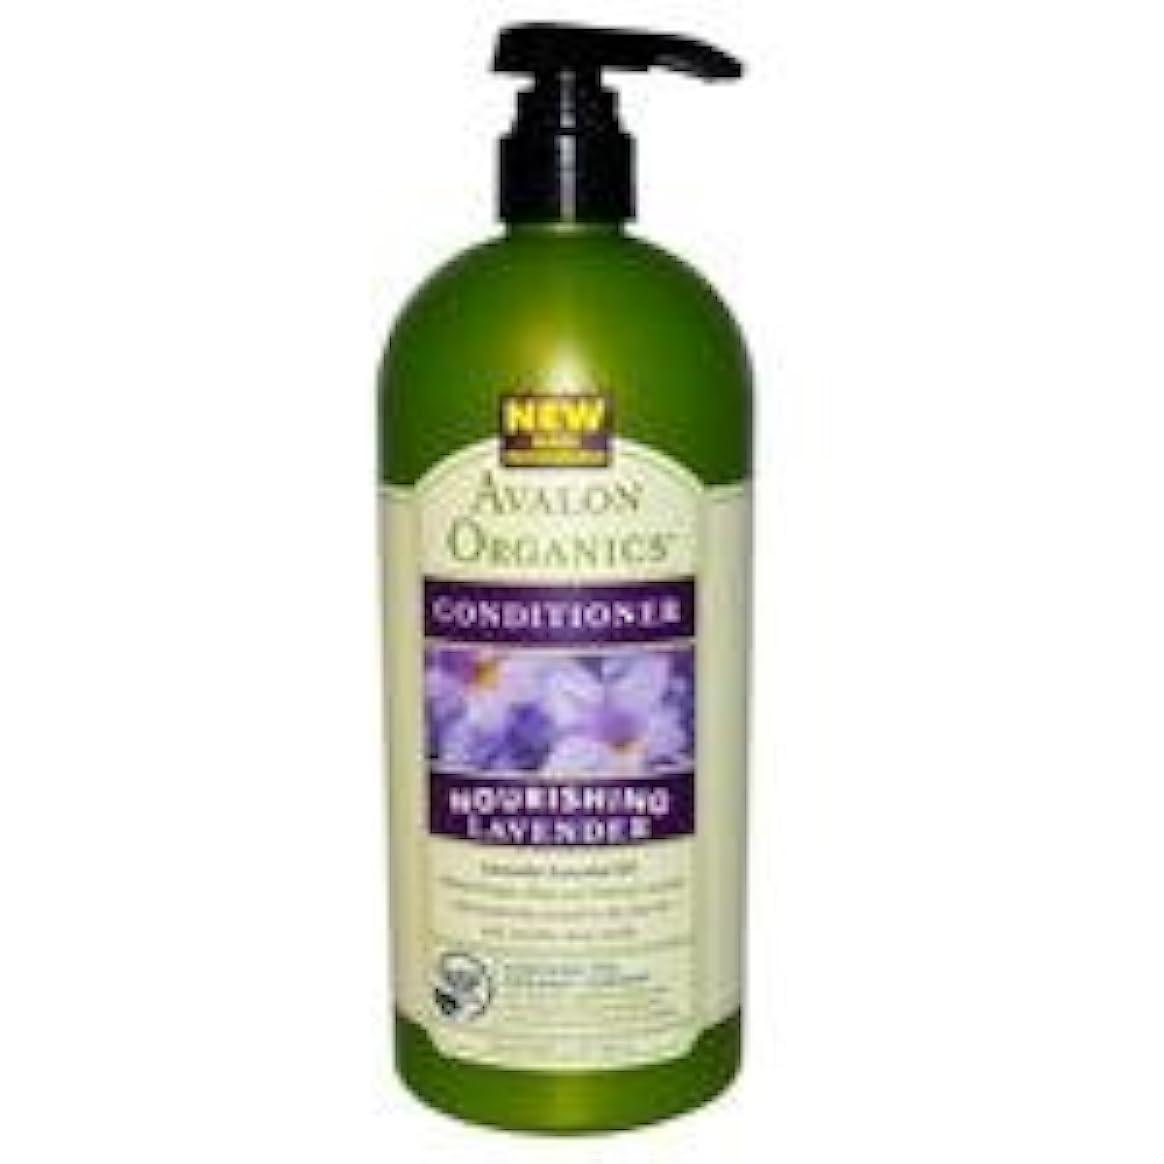 粘着性上級芽[海外直送品] アバロンオーガニック(Avalon Organics) コンディショナー ラベンダーの香り 907g